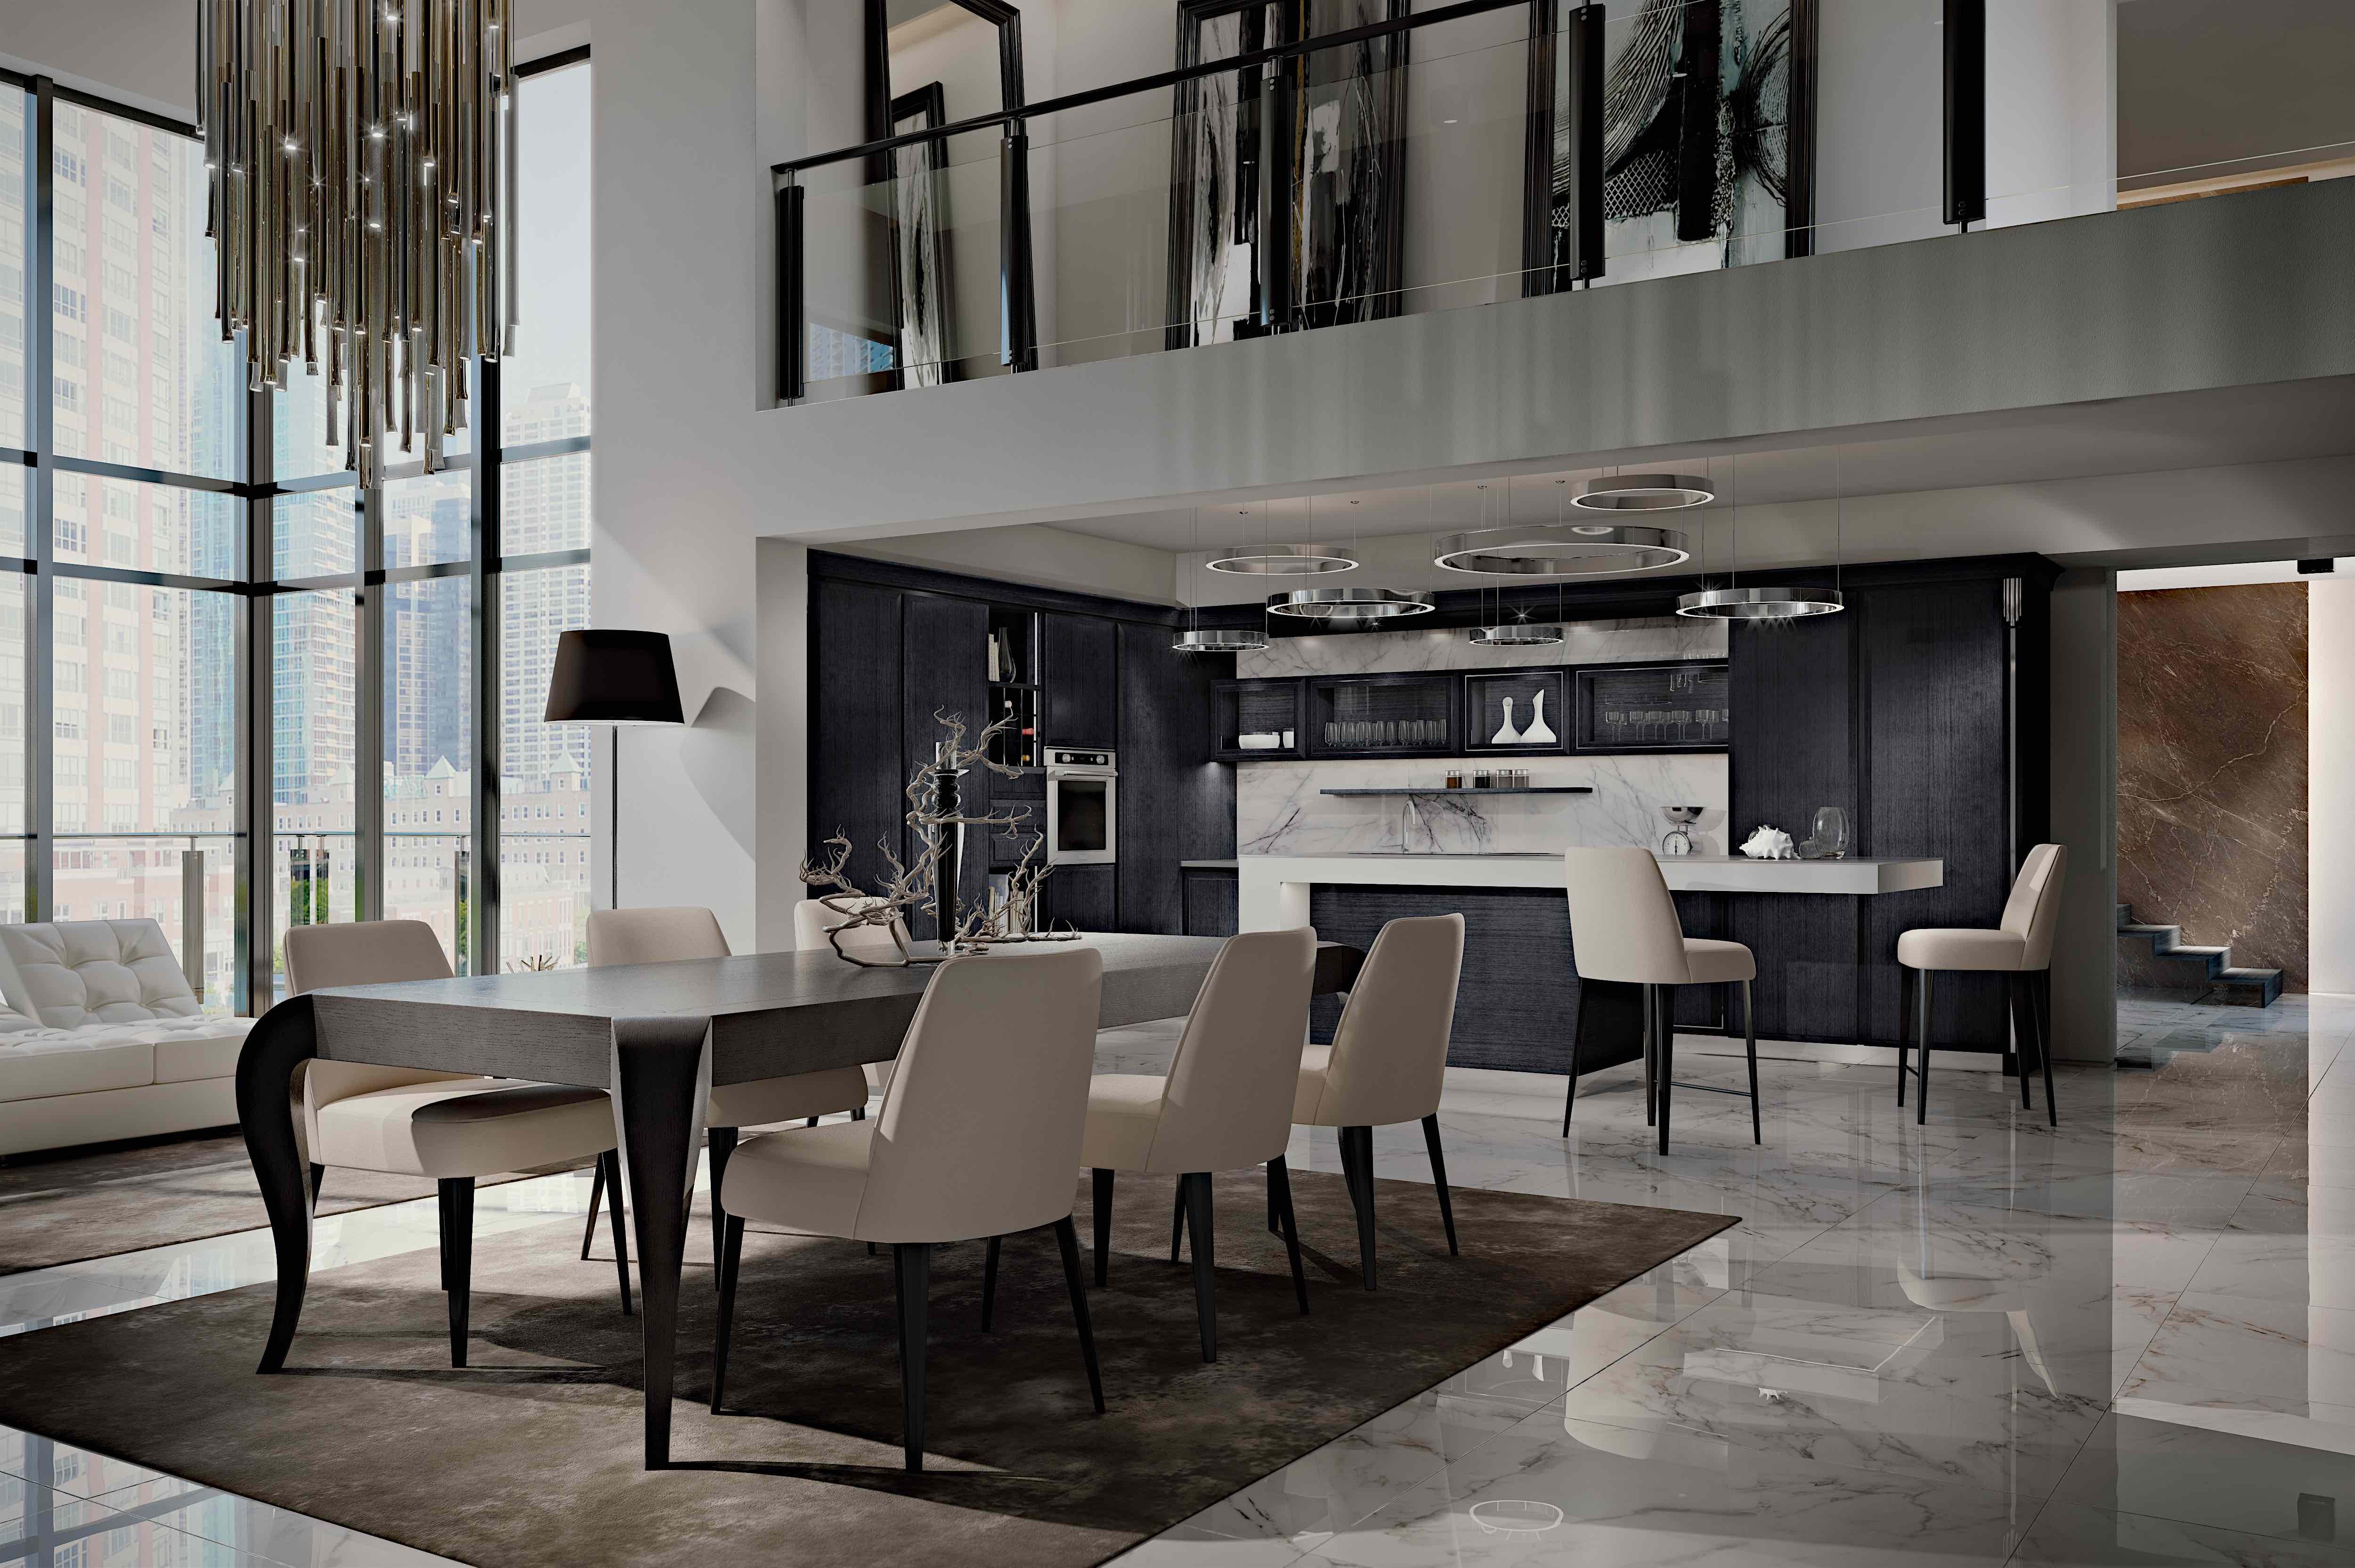 Mobili Contemporanei Cucina : Schmidt cucine e mobili su misura dalla precisione millimetrica